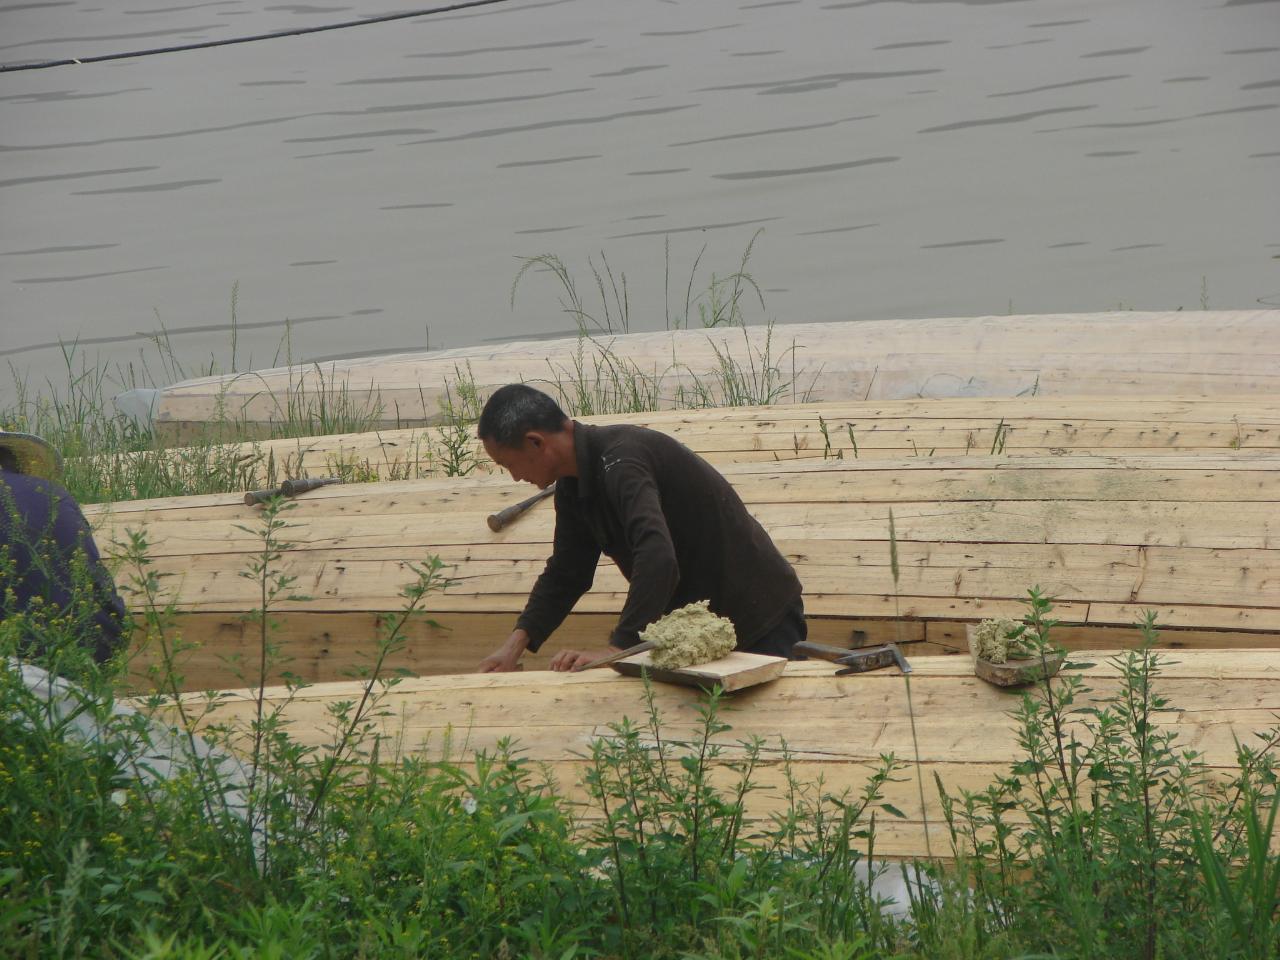 造船工序   整个造船工序主要分九个部分: 1、选料、备料。钉木船要选择天然的老龄杉木,此木材材质结实、有恝性,所造之船吃水浅、浮力大,能载重,轻巧灵敏而且比较坚固耐用。 2、断料、配料。断料配料的尺寸依船体结构而定。船体一般由船底、船邦和横梁组合而成的船头、中舱和船艄三段体,船的大小不一,断料尺寸比较有讲究。 3、破板。圆木断料后,第一步就是破板。从前没有电锯,全靠手工拉锯,先用墨斗和划齿按实际需要的厚度划线、弹线,然后架码拉锯破板。 4、分板。破板后,须用粗、细刨将锯面刨光,再按实际需要的长度、宽度、